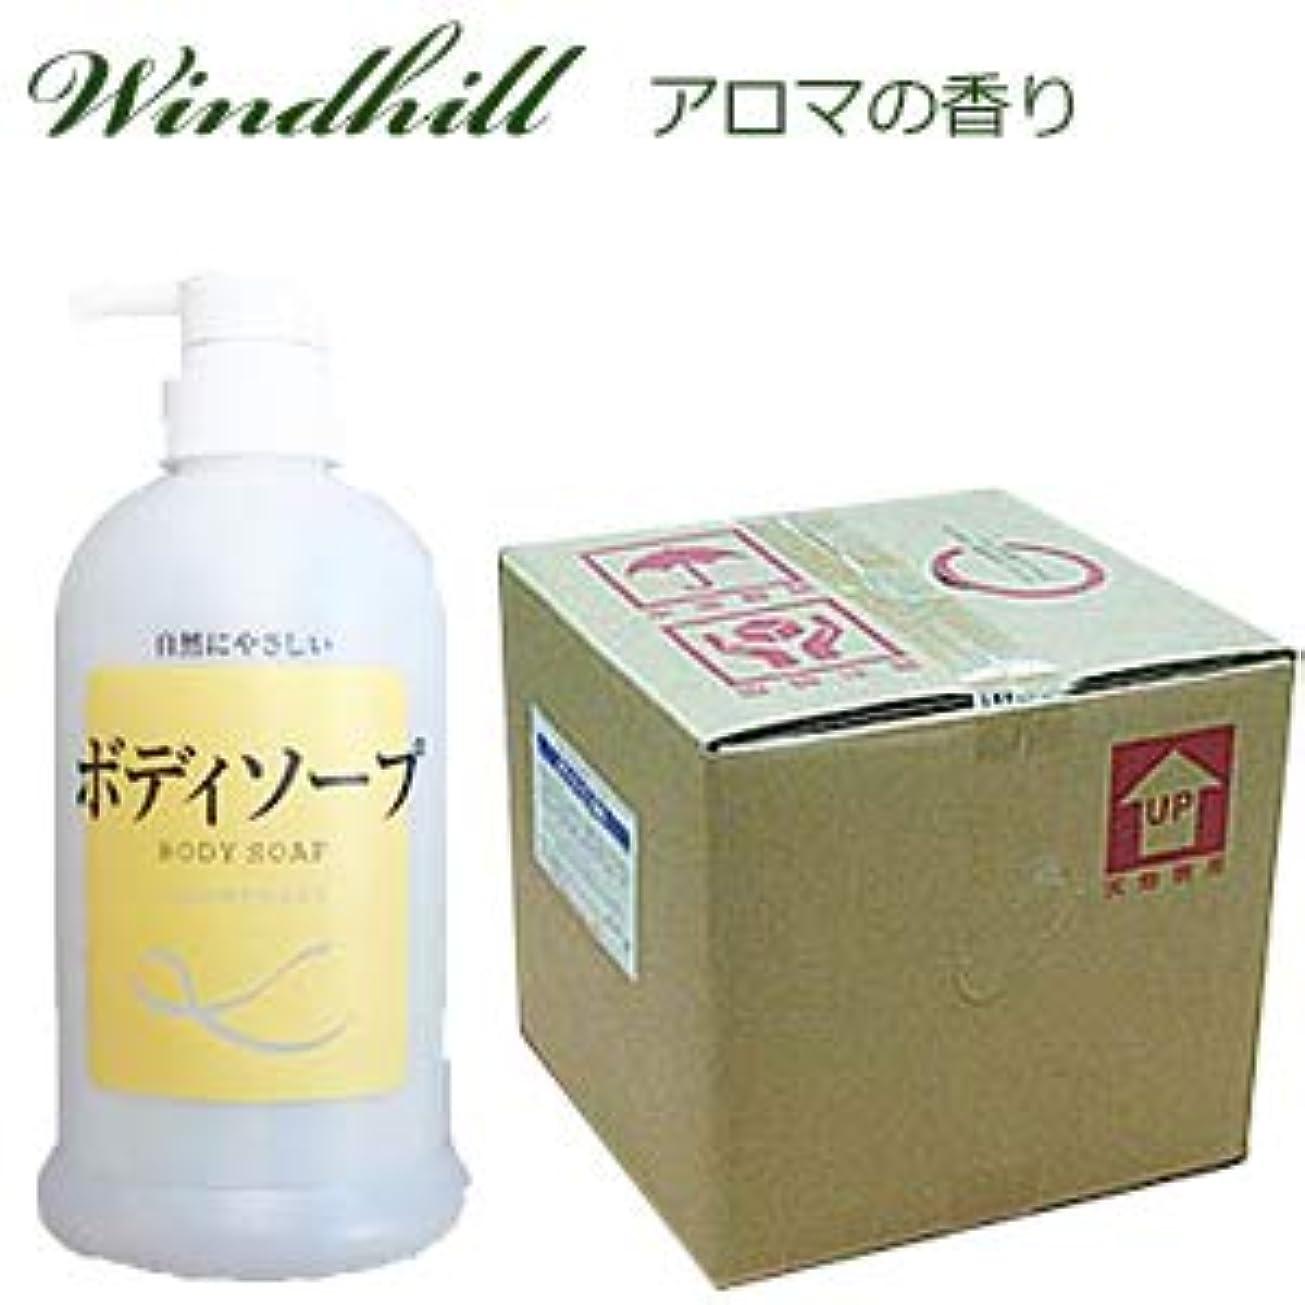 取る赤面回想なんと! 500ml当り188円 Windhill 植物性業務用 ボディソープ  紅茶を思うアロマの香り 20L